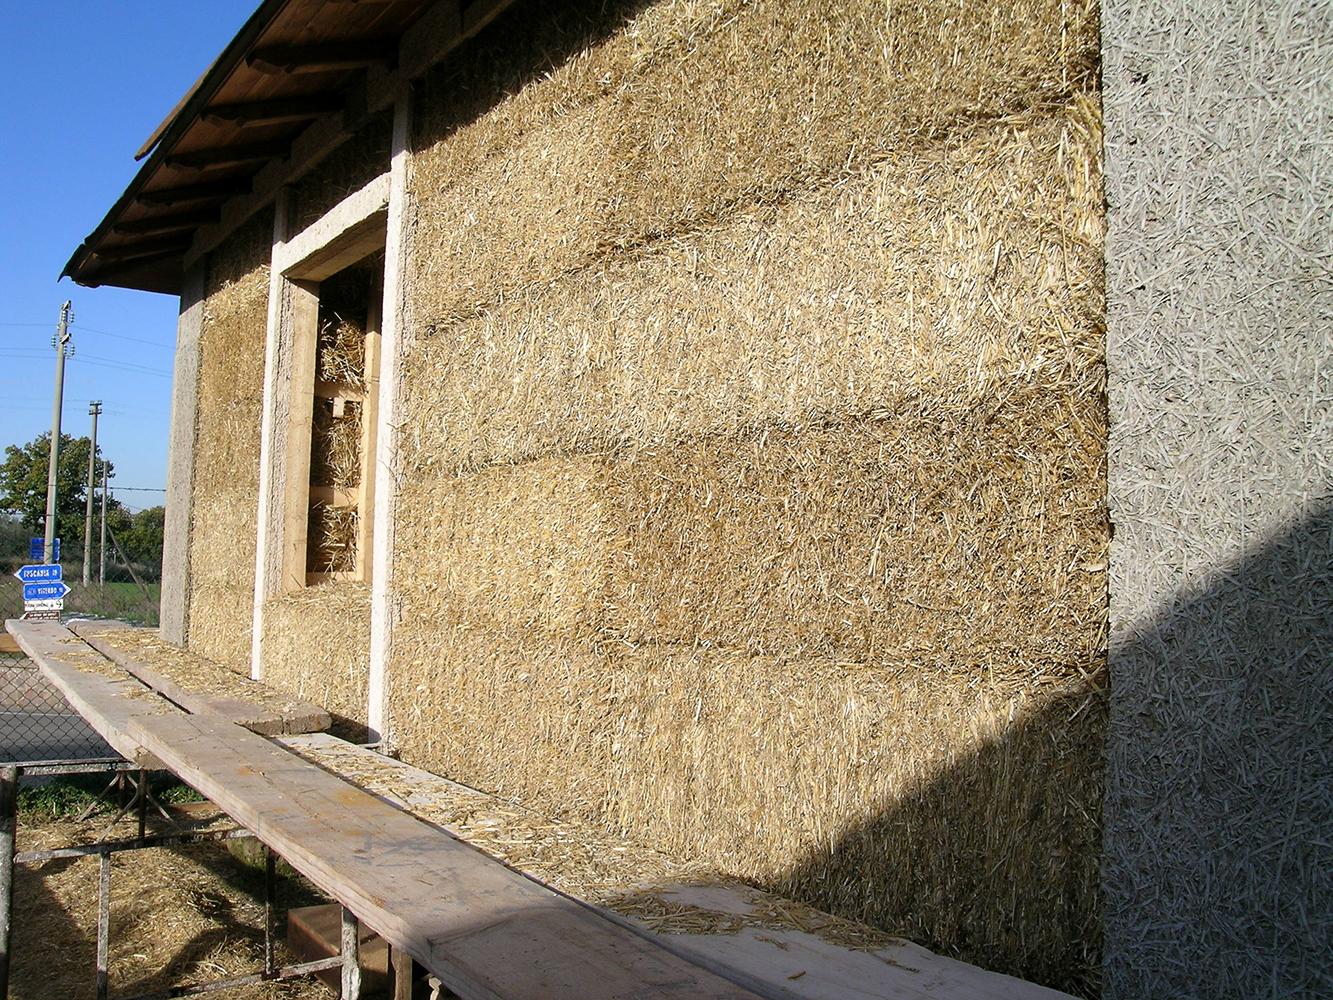 Bioedilizia case ecologiche mauro baldini l arte di lavorare